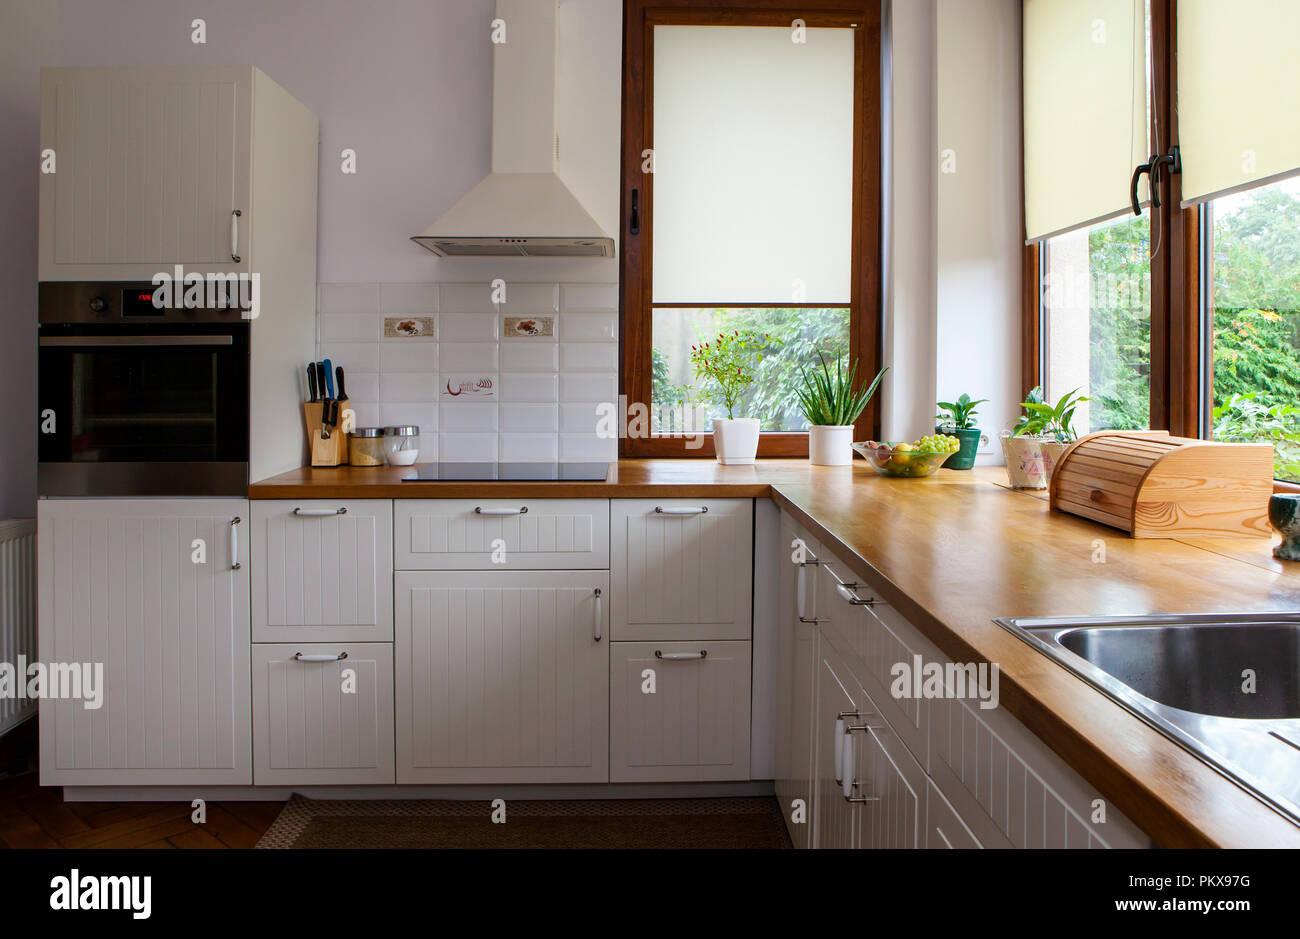 Interno del bianco cucina moderna Immagini Stock